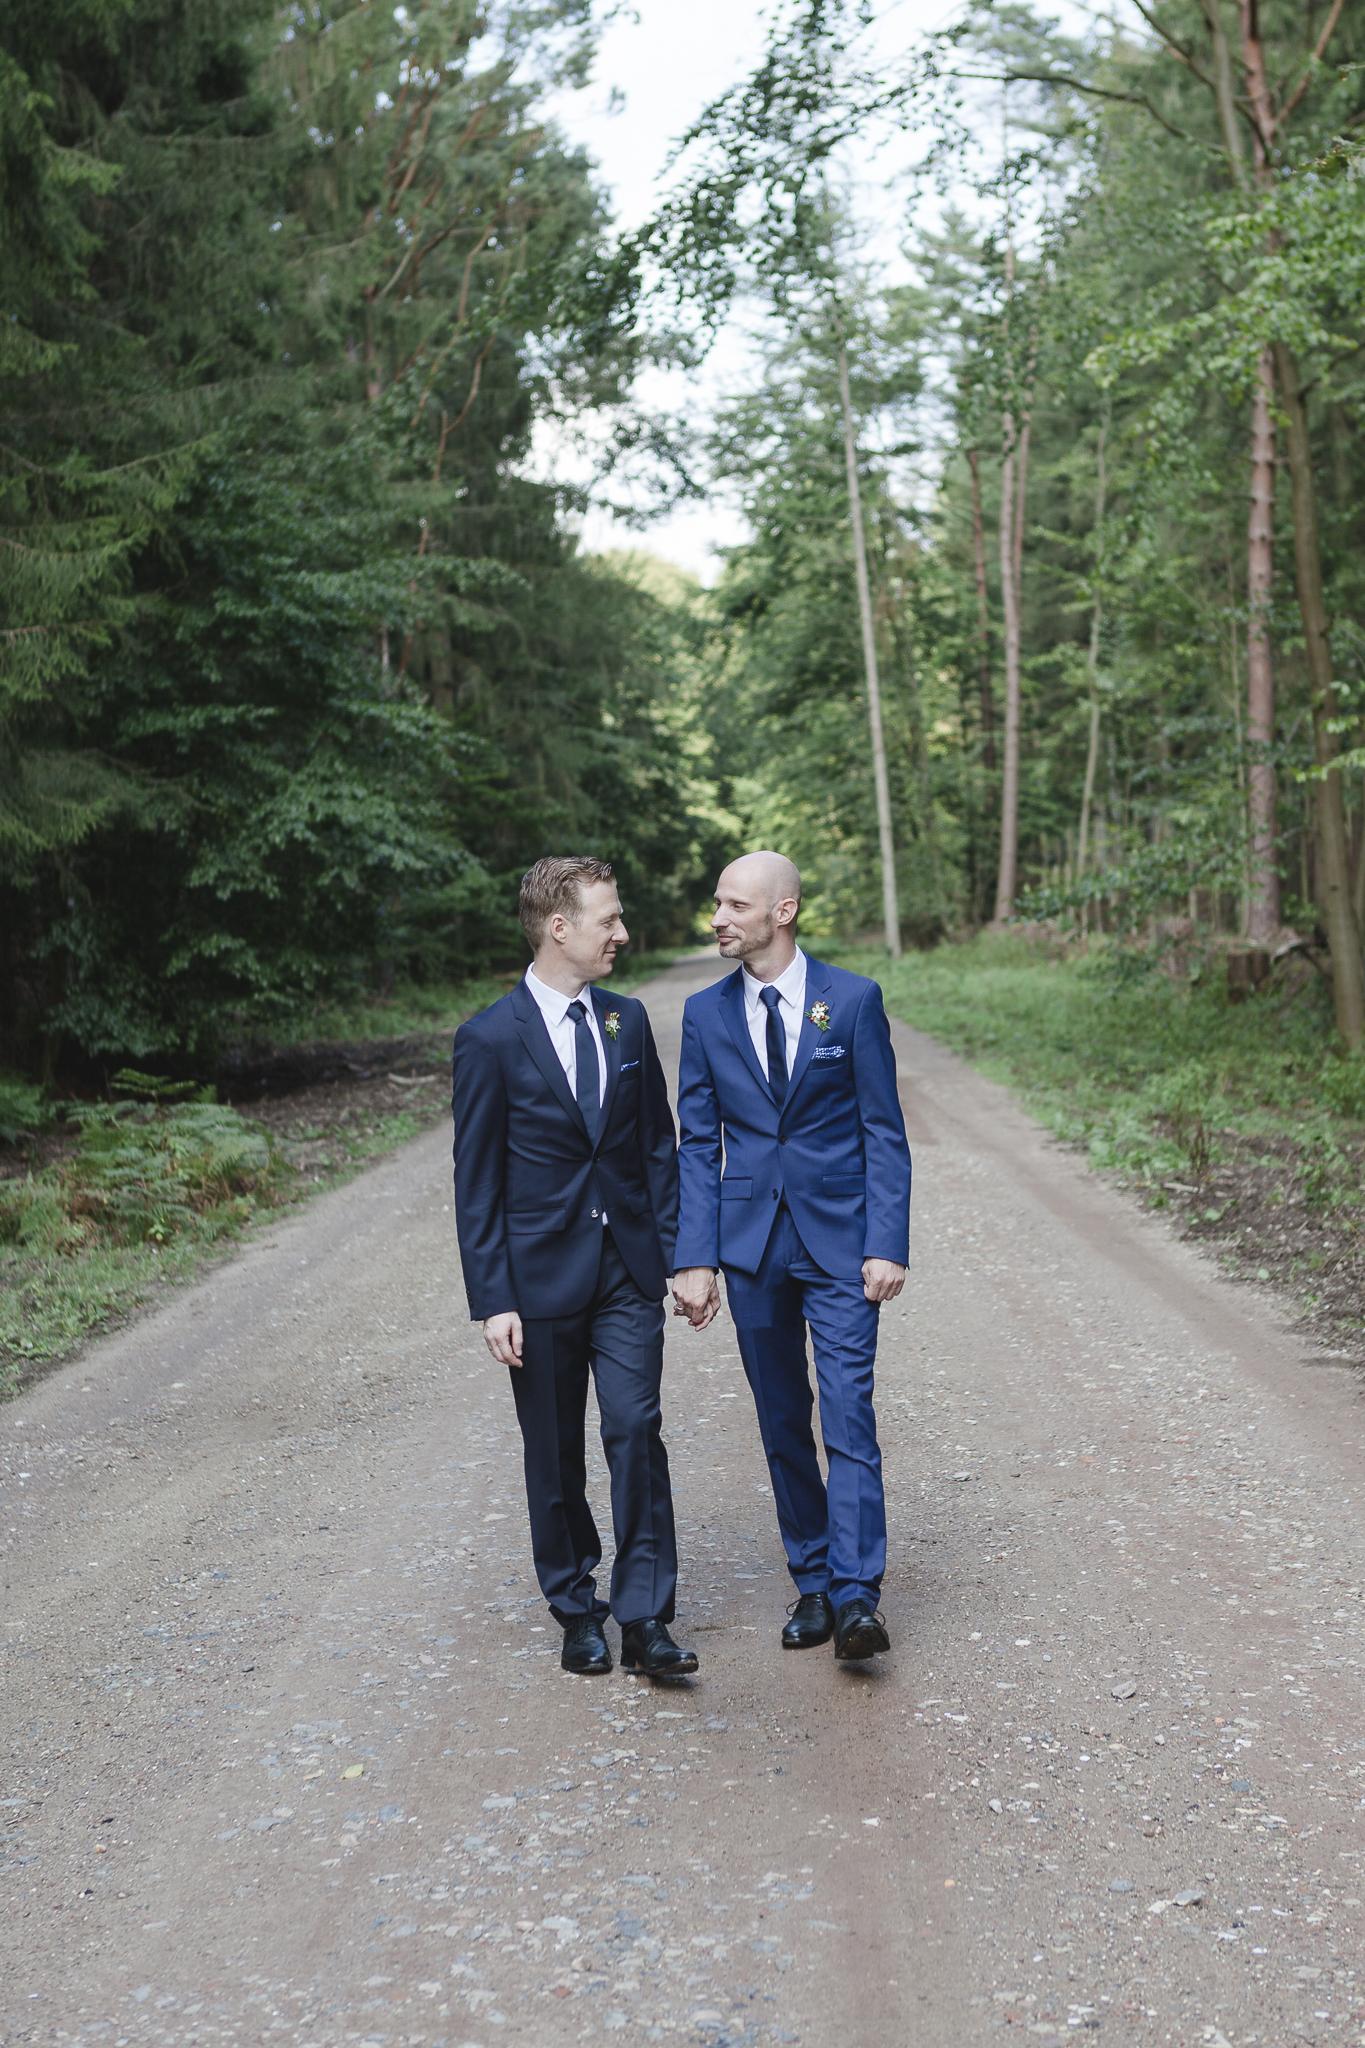 Spaziergang Hand in Hand nach der gleichgeschlechtliche Hochzeit